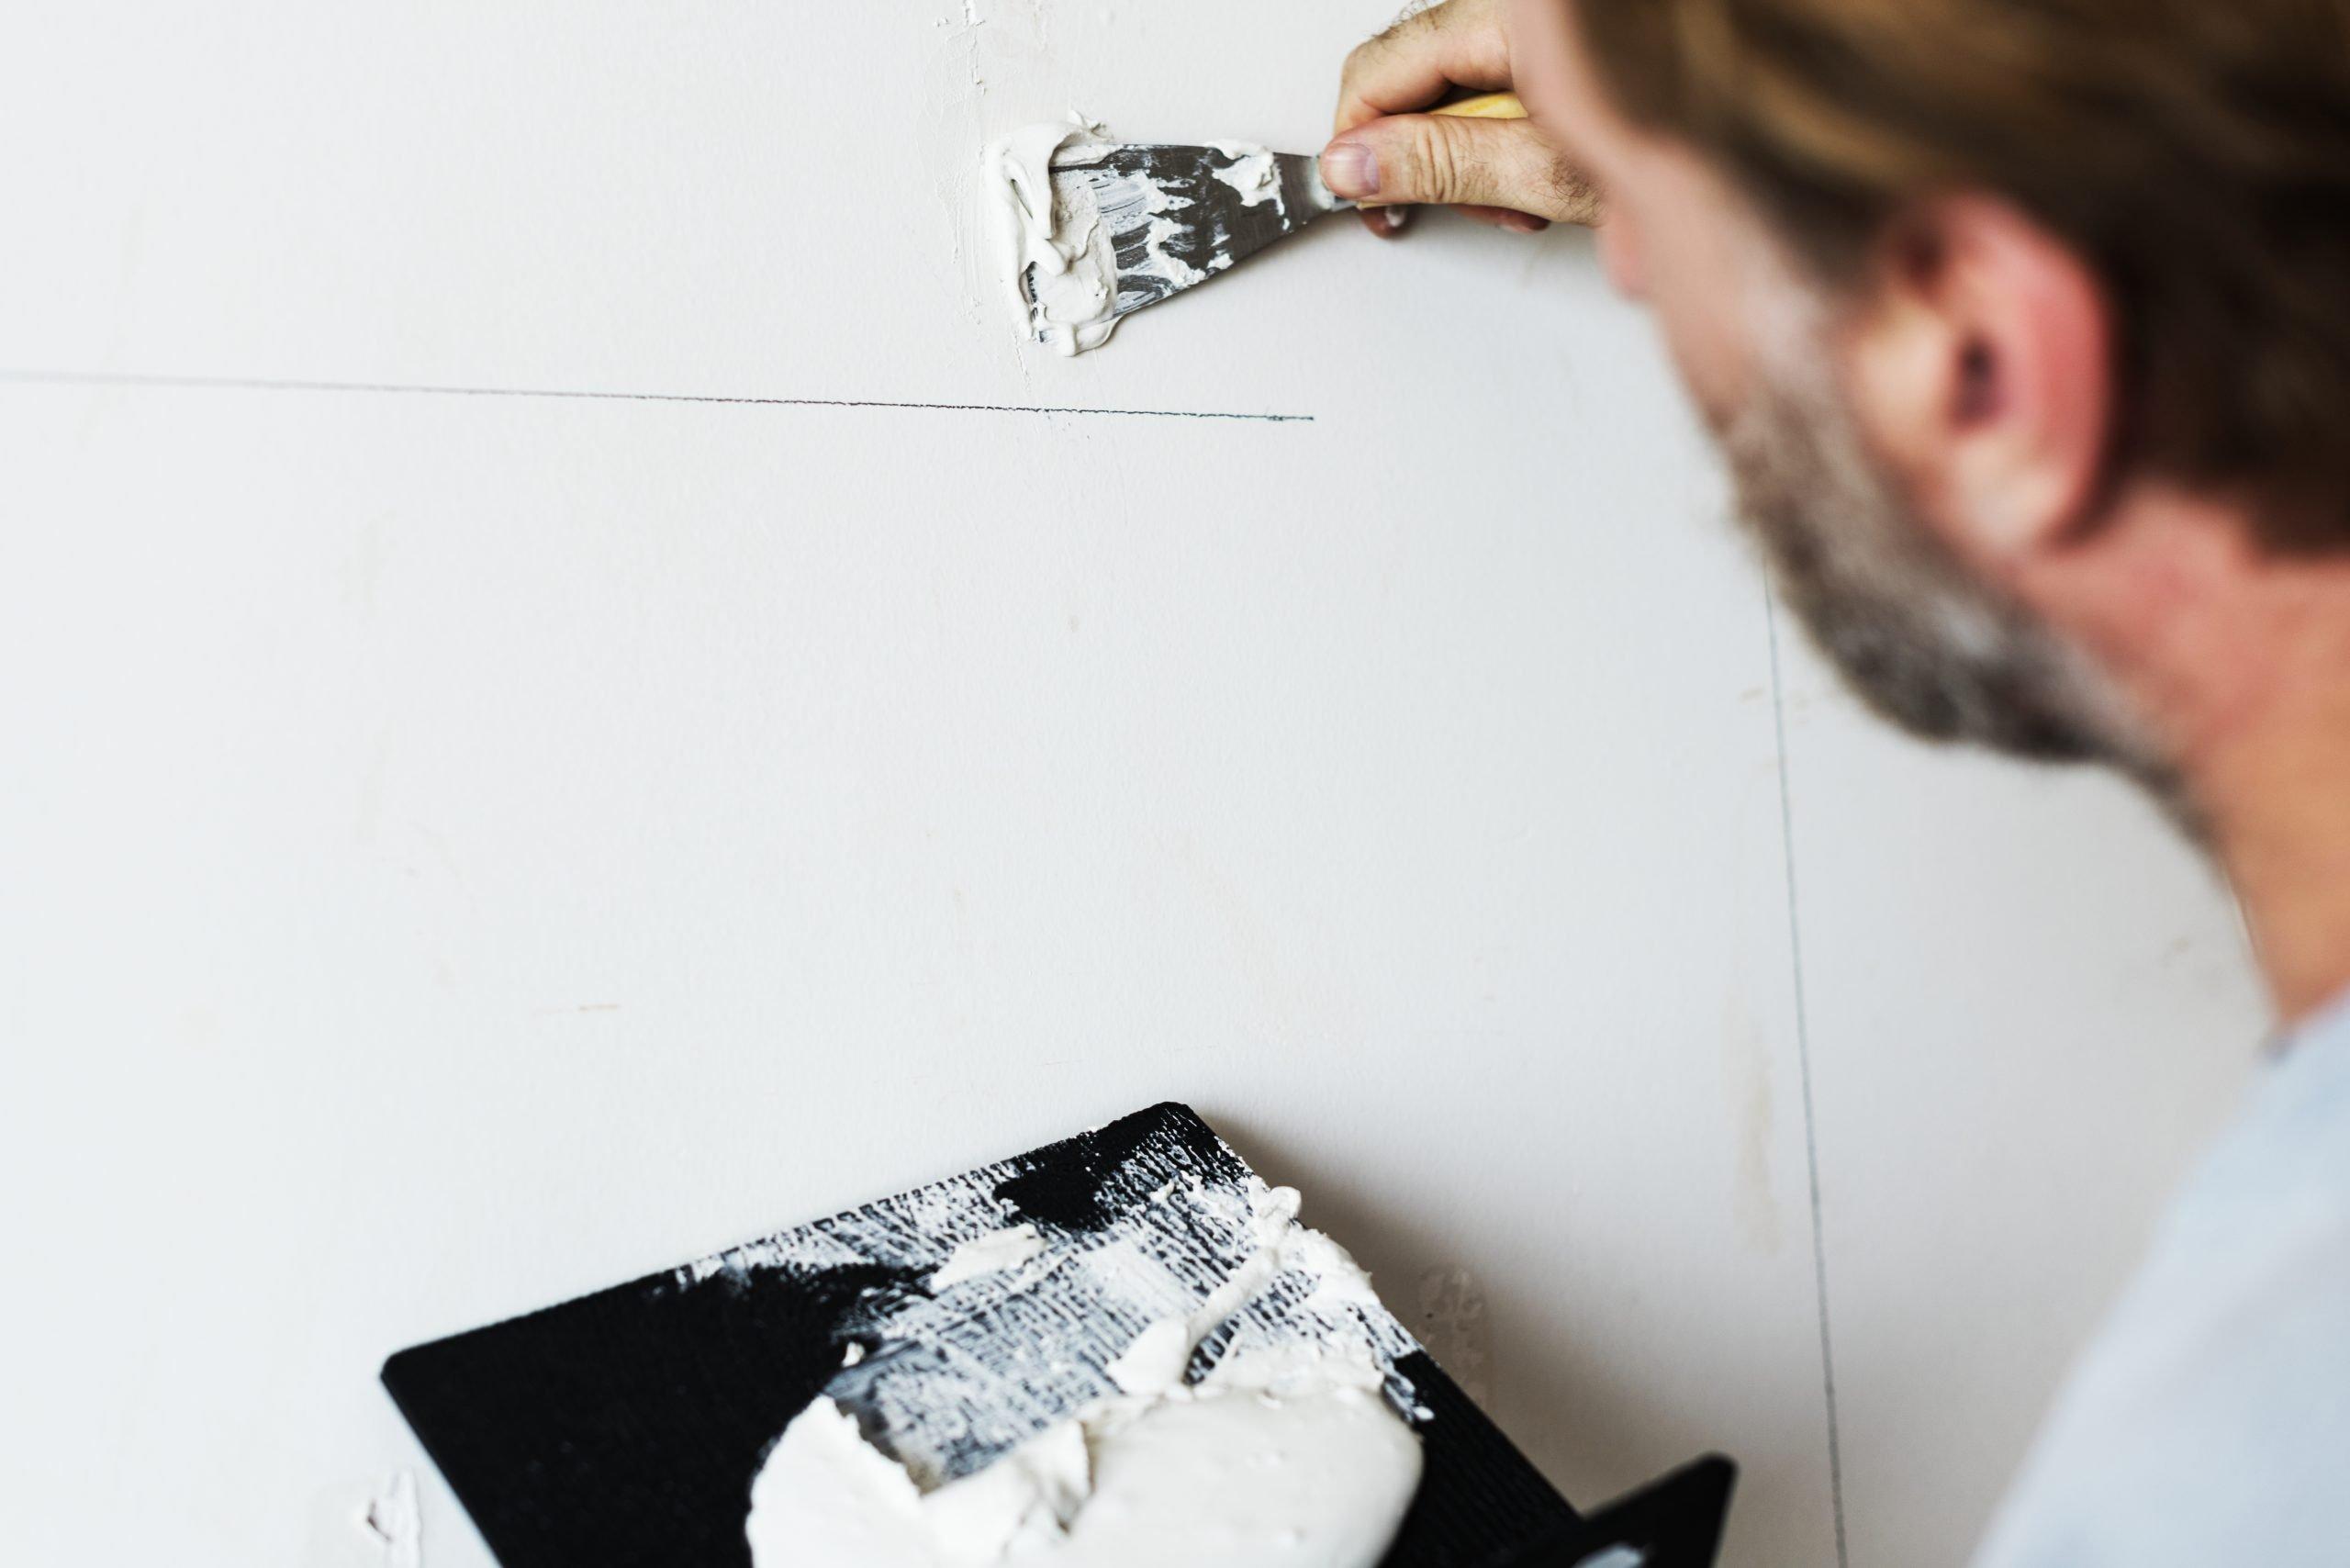 Cómo pintar una pared Preparar las paredes para pintar